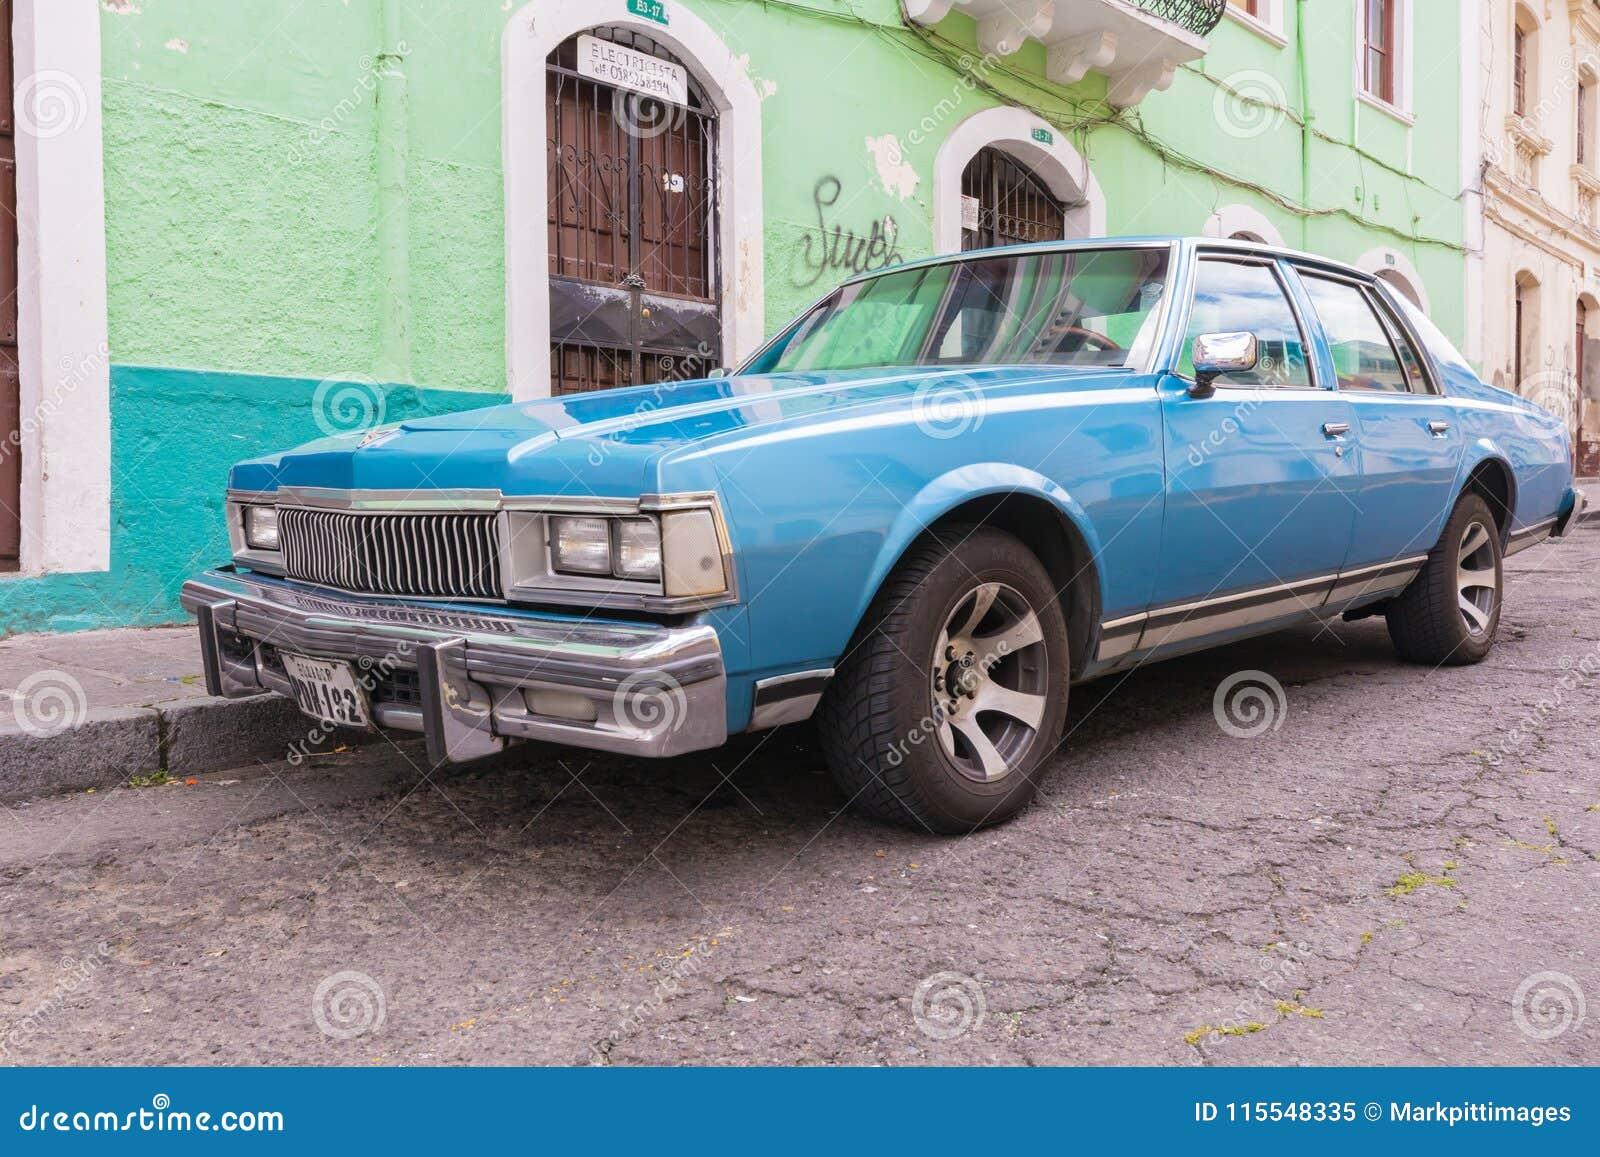 Kelebihan Kekurangan Chevrolet 1980 Perbandingan Harga